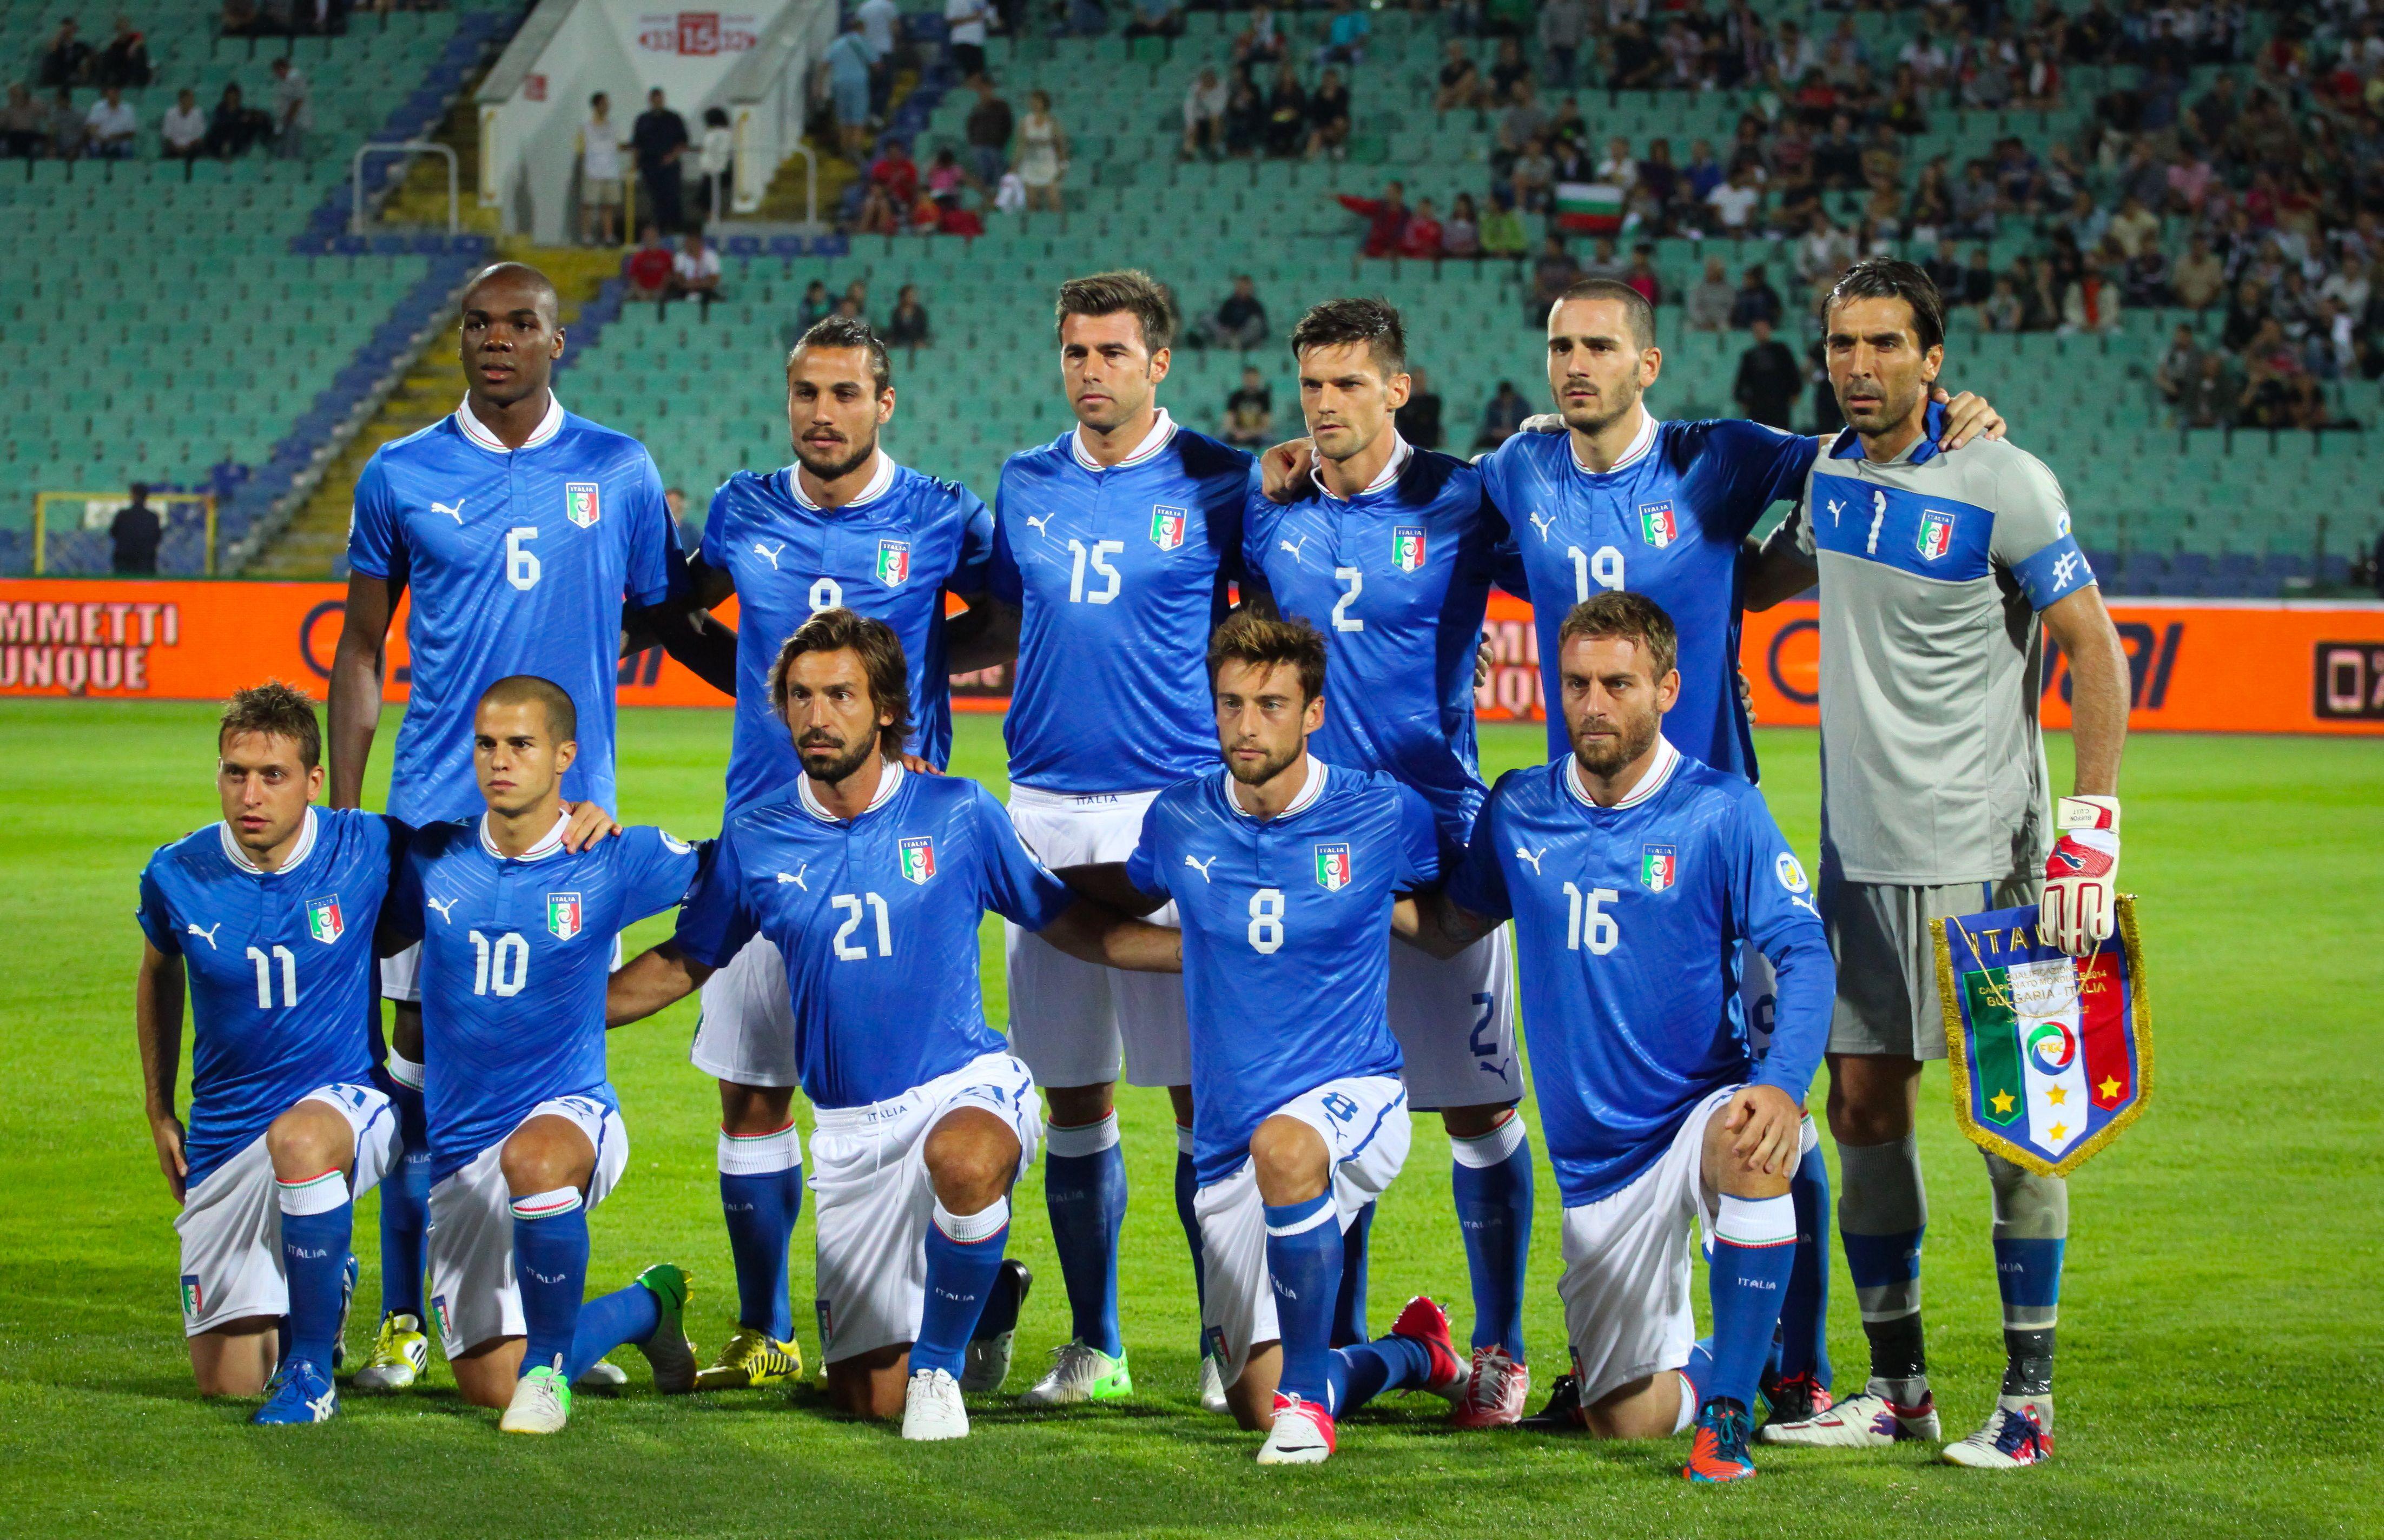 Italy National Football Team Wikipedia The Free Encyclopedia